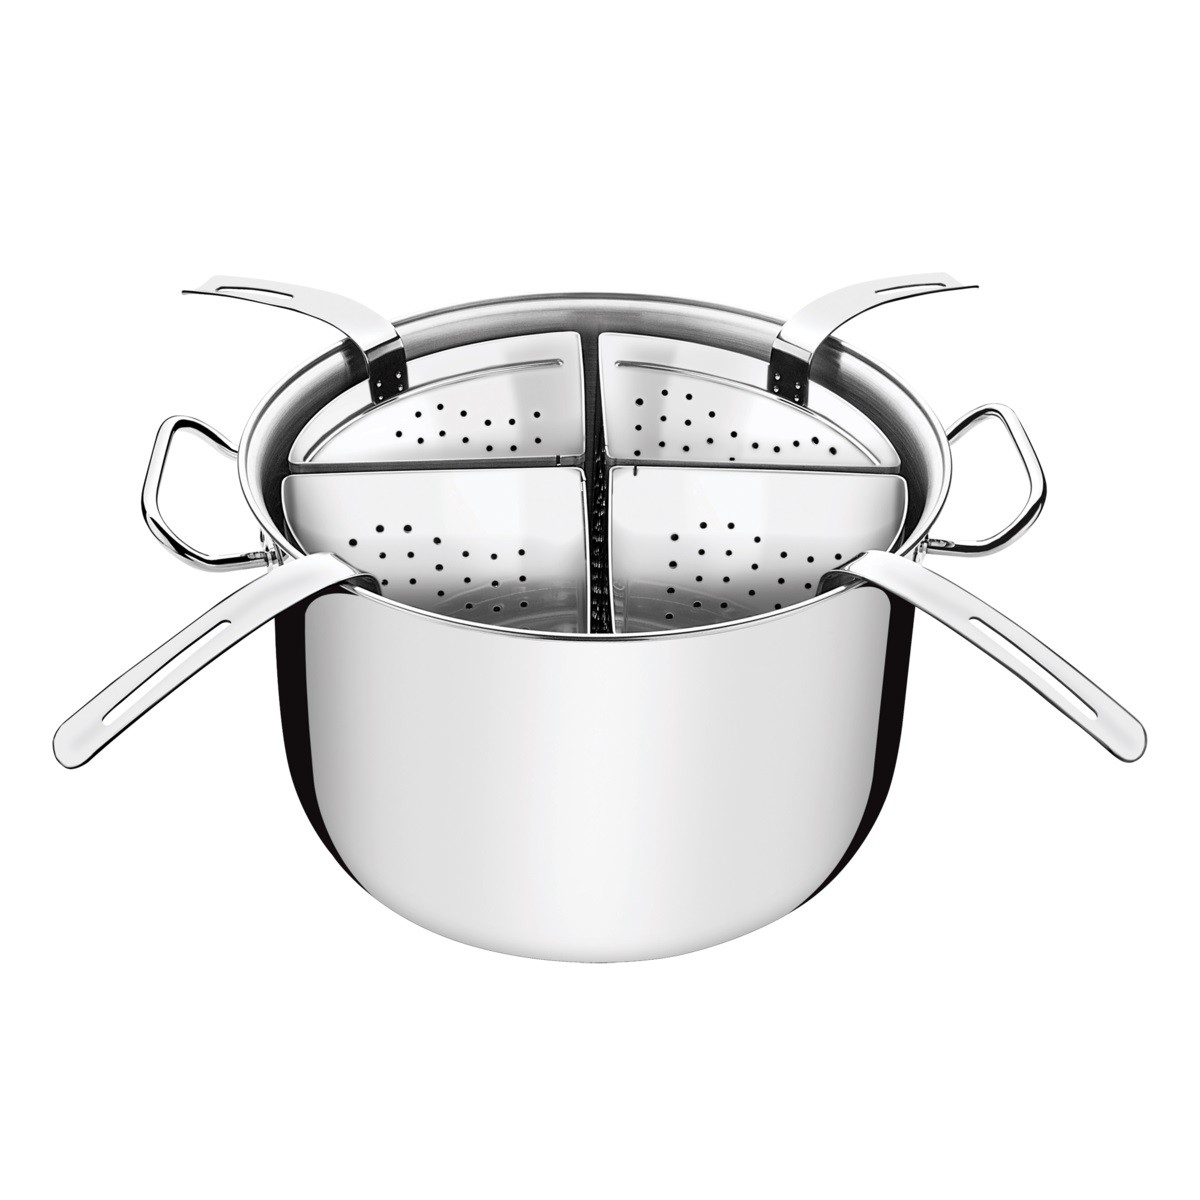 Cozi-Pasta Aço Inox 4 Recipientes 30cm 13,5L